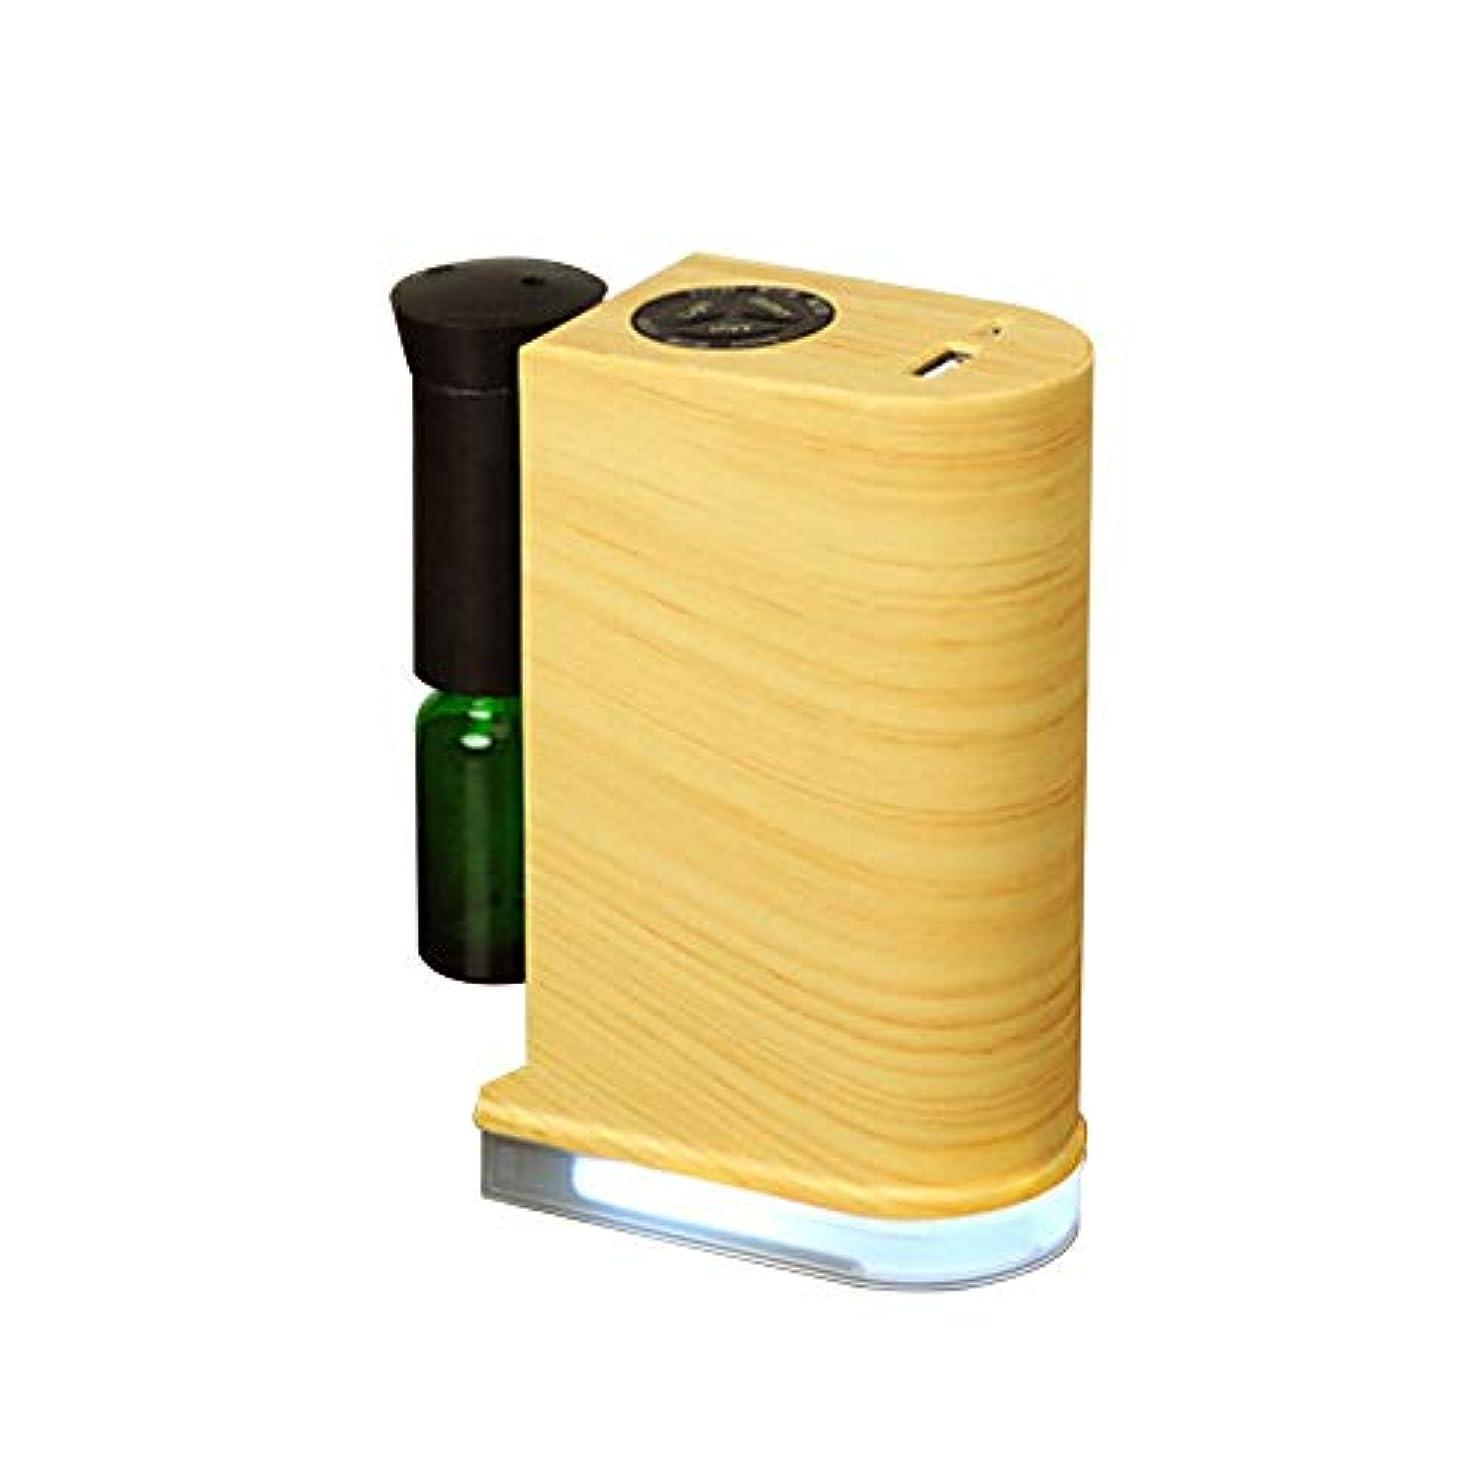 宙返り怪物ダイジェストアロマディフューザー 木目調 ネブライザー式 USBポート付き 癒しの空間 卓上 アロマライト アロマオイル スマホ充電可能 オフィス リビング ナチュラル